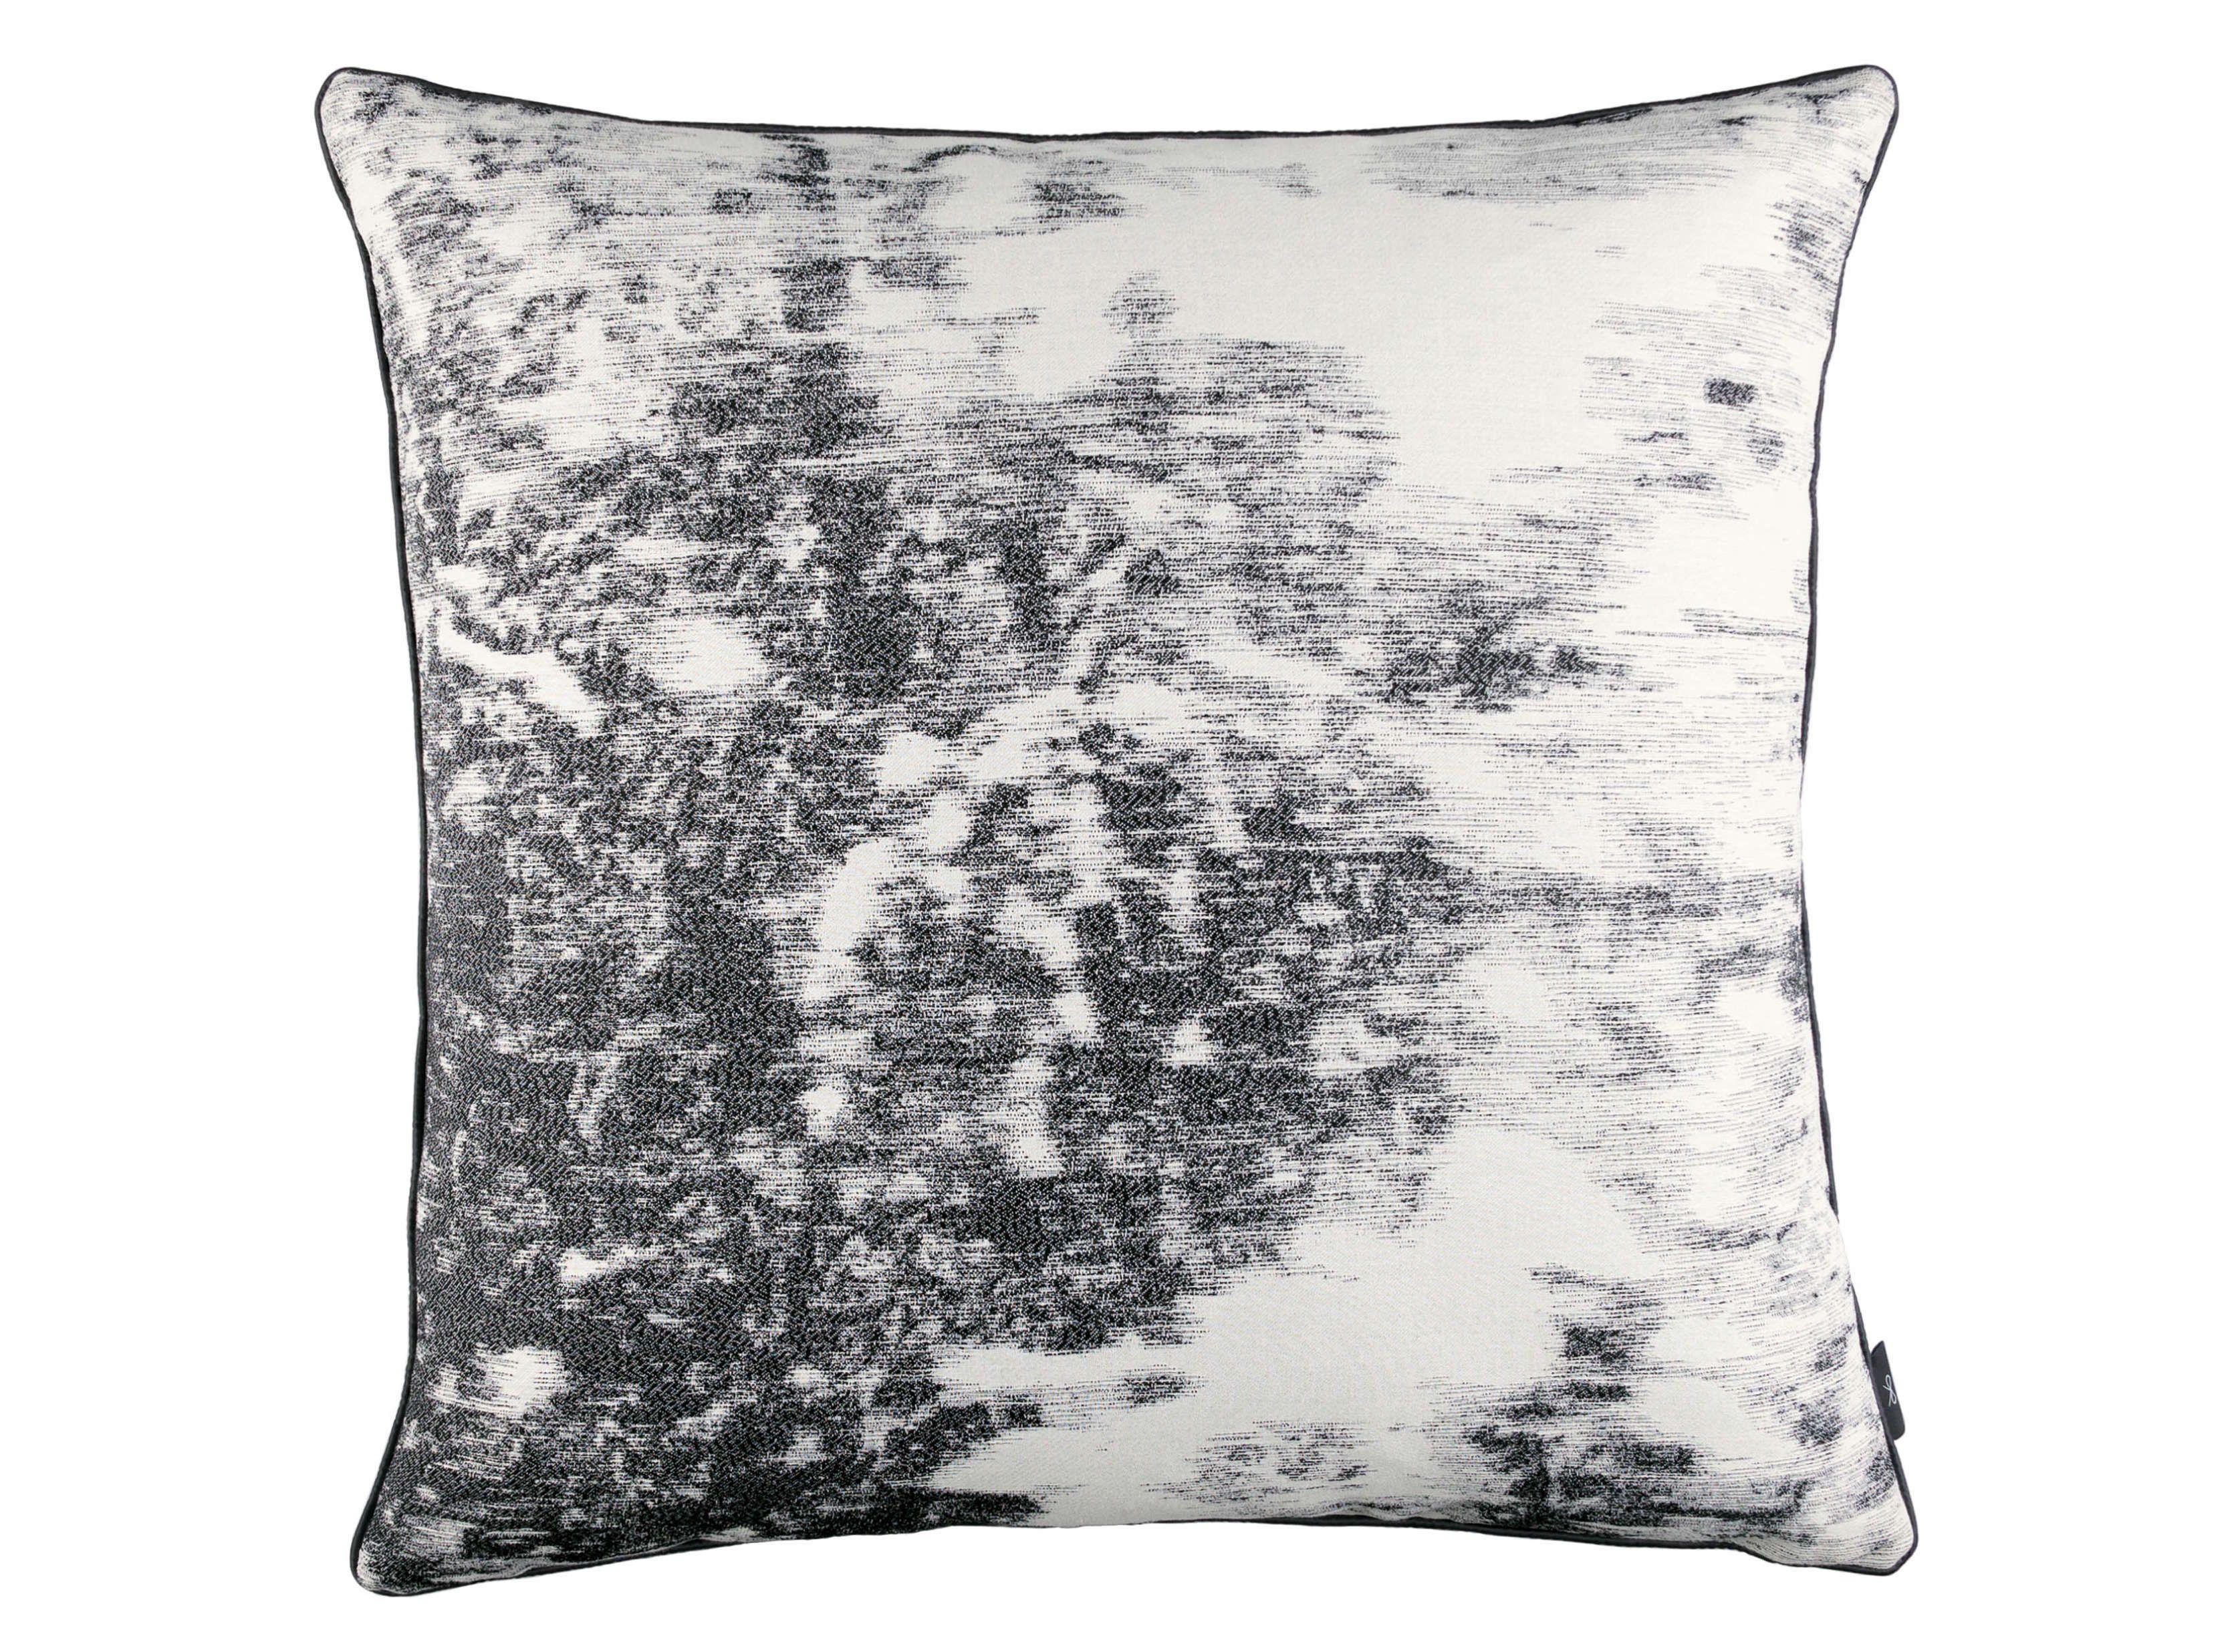 Designer Fabrics Wallcoverings Upholstery Fabrics Upholstery Fabric Fabric Design Wall Coverings